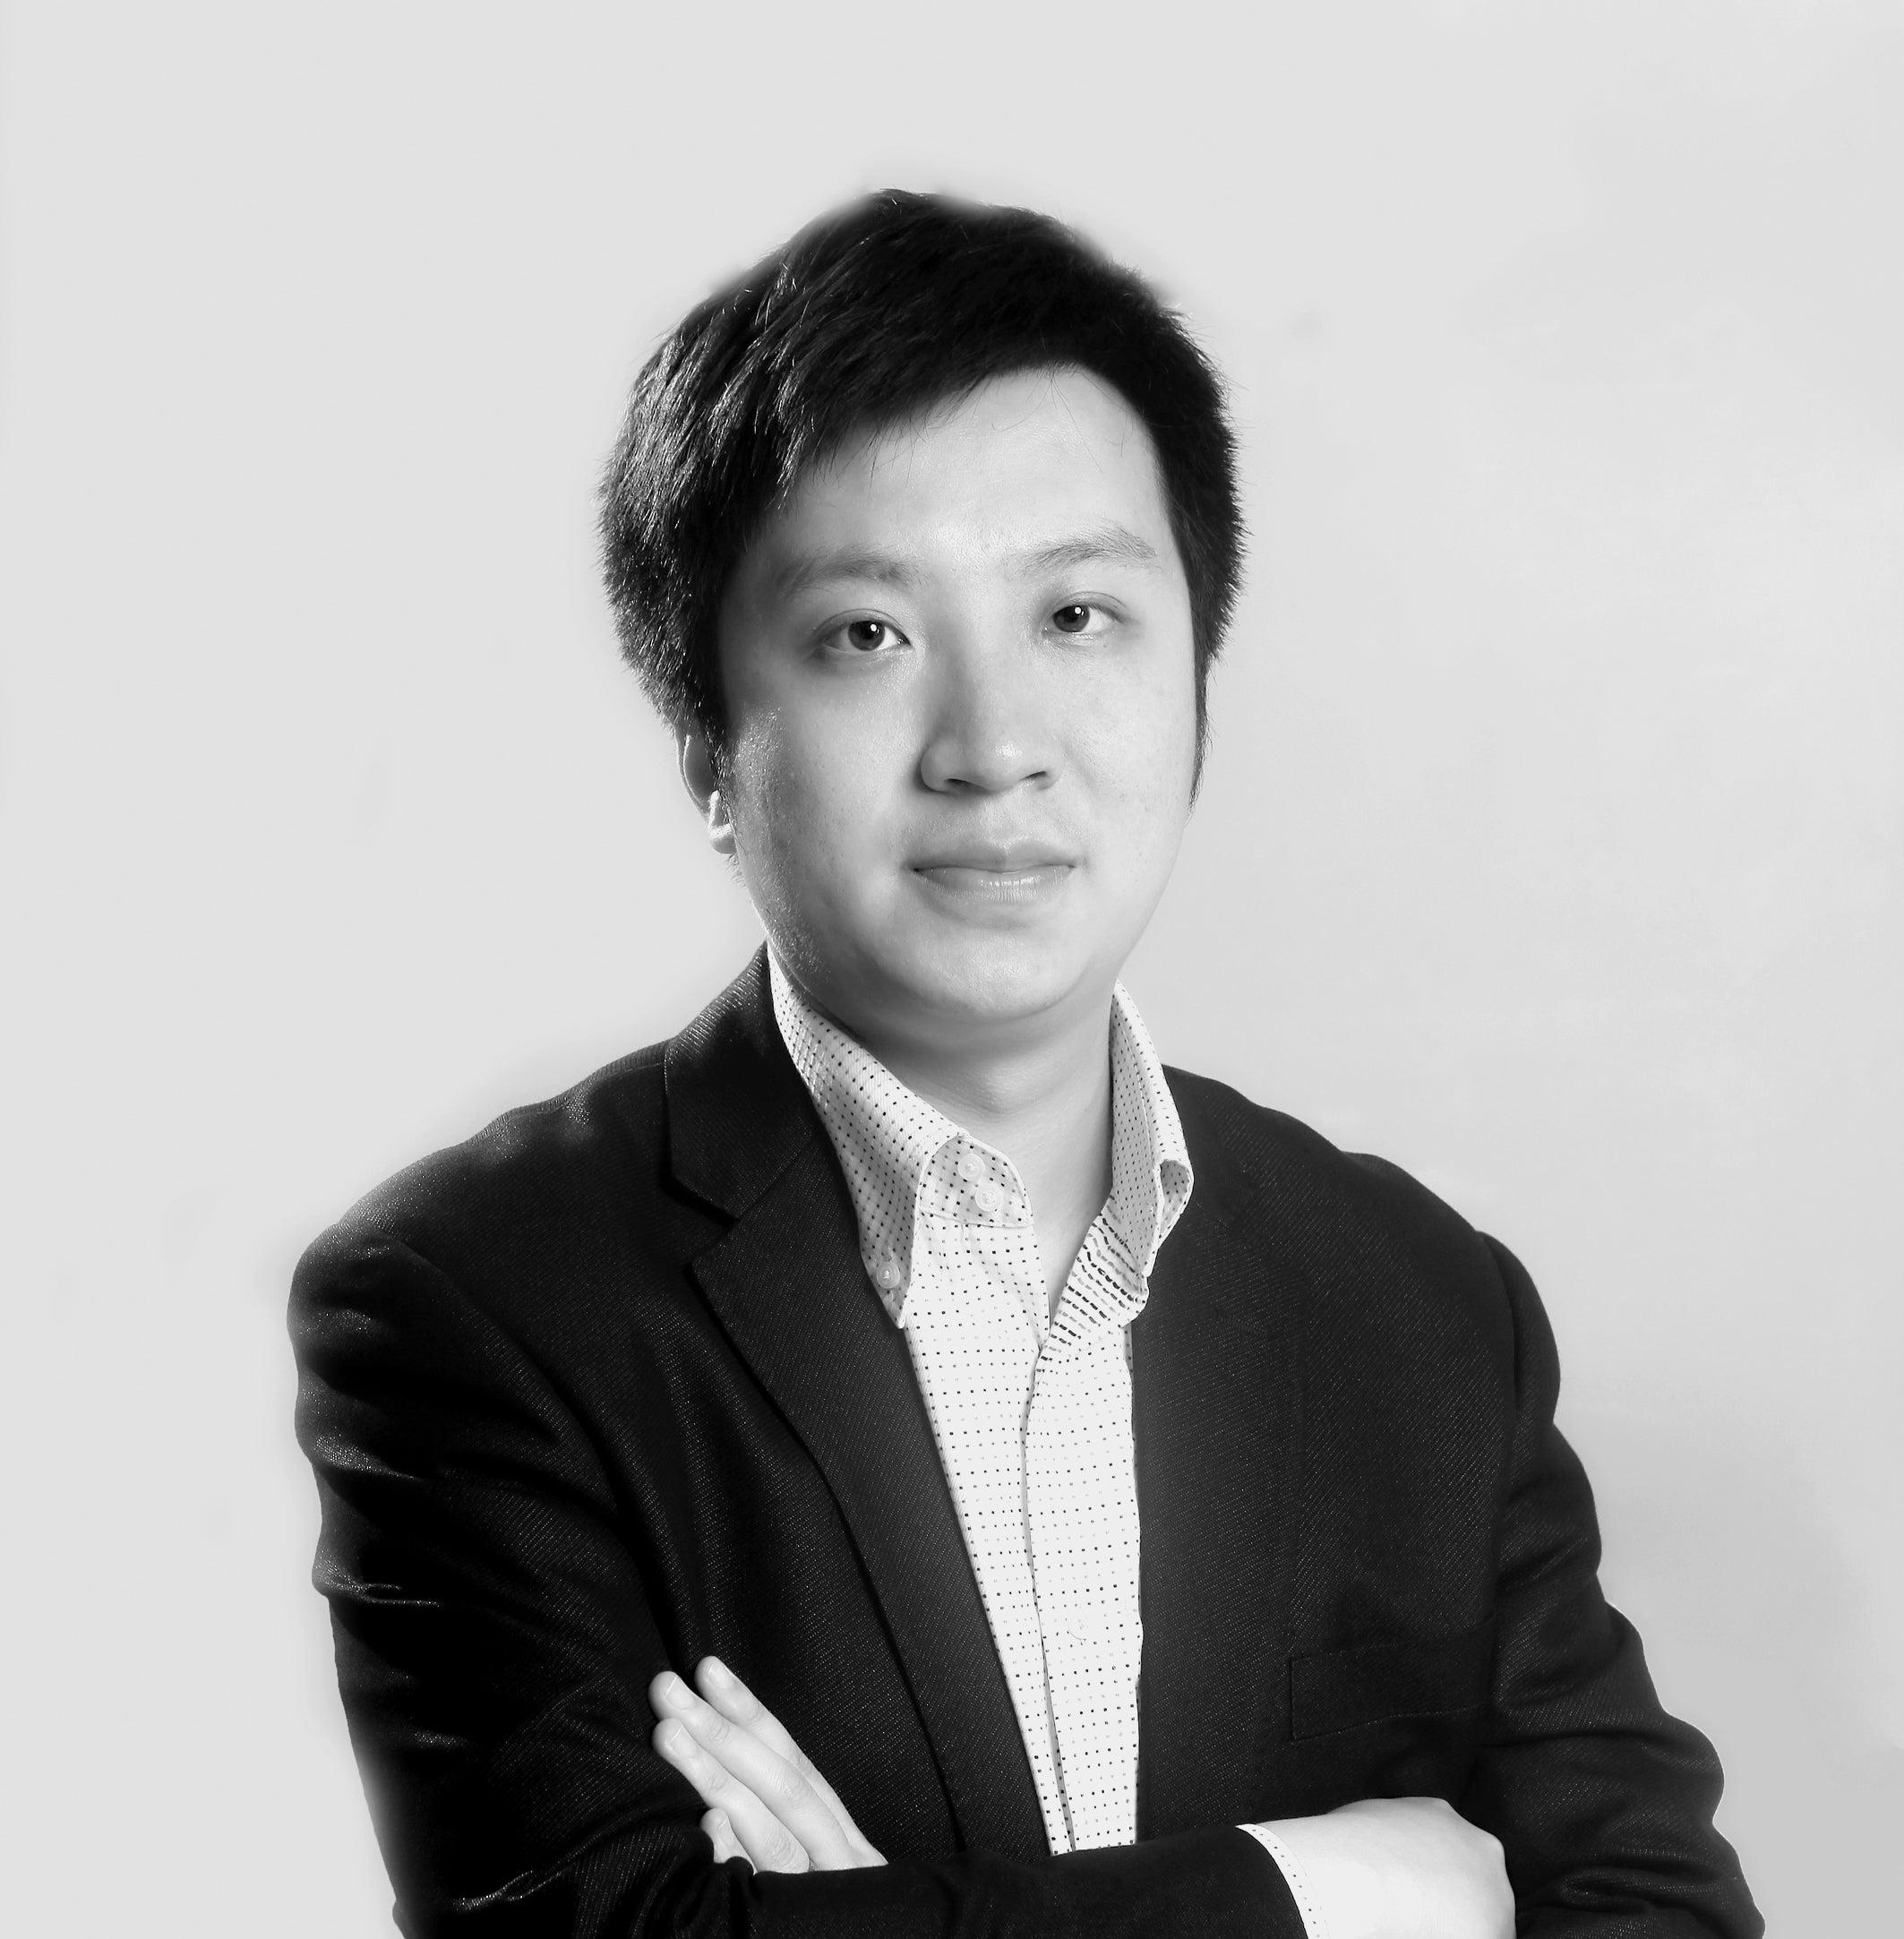 黄飞(Derek Huang)电通安吉斯集团媒体品牌(凯络,伟视捷,dentsu X)首席产品官